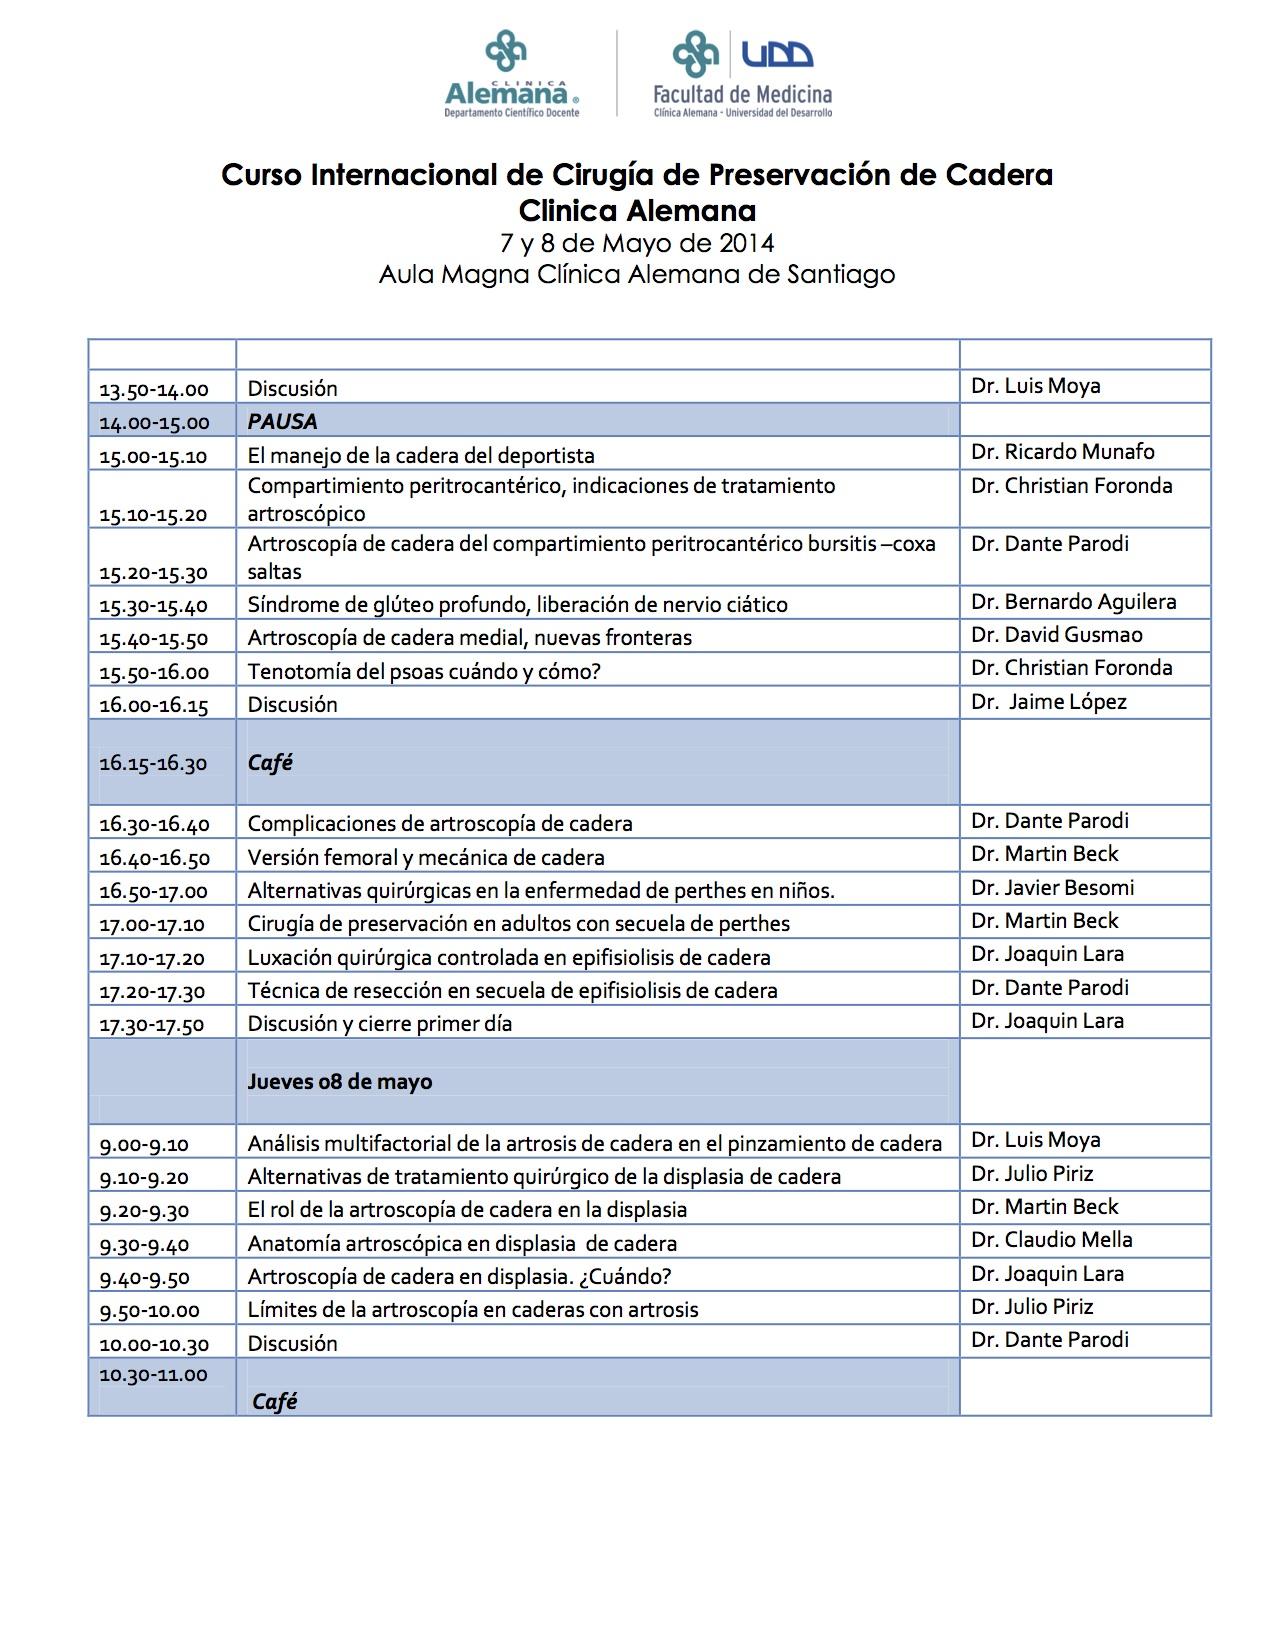 Curso Internacional de Cirugía de Preservación de Cadera 07 y 08 de mayo de 2014 Aula Magna Clínica Alemana de Santiago_2